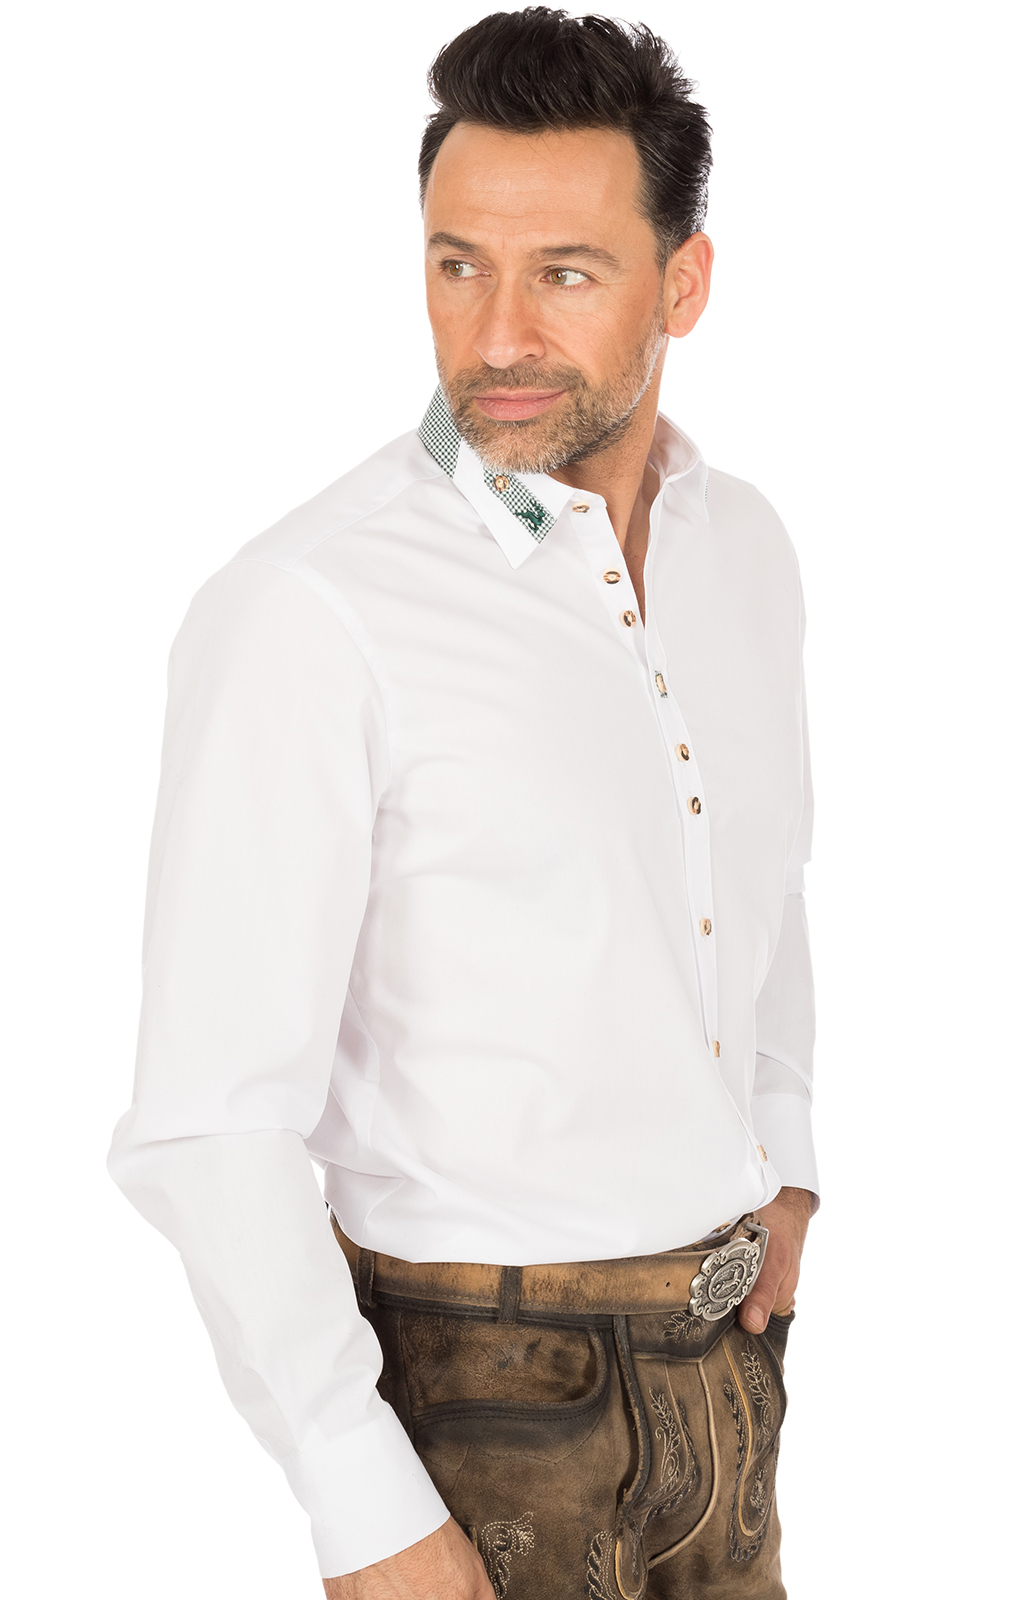 weitere Bilder von German traditional shirt CLASSICO white